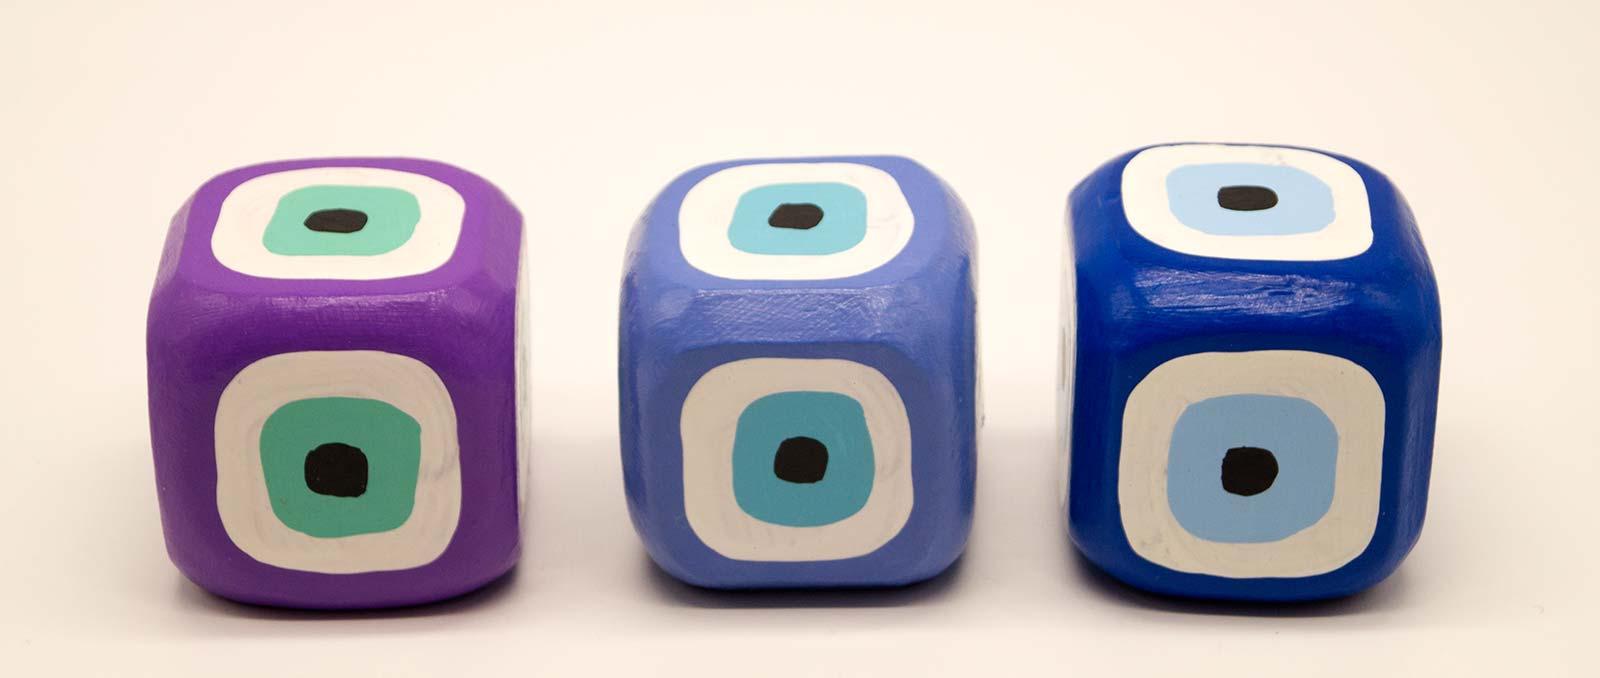 evil-eye-wooden-cubes